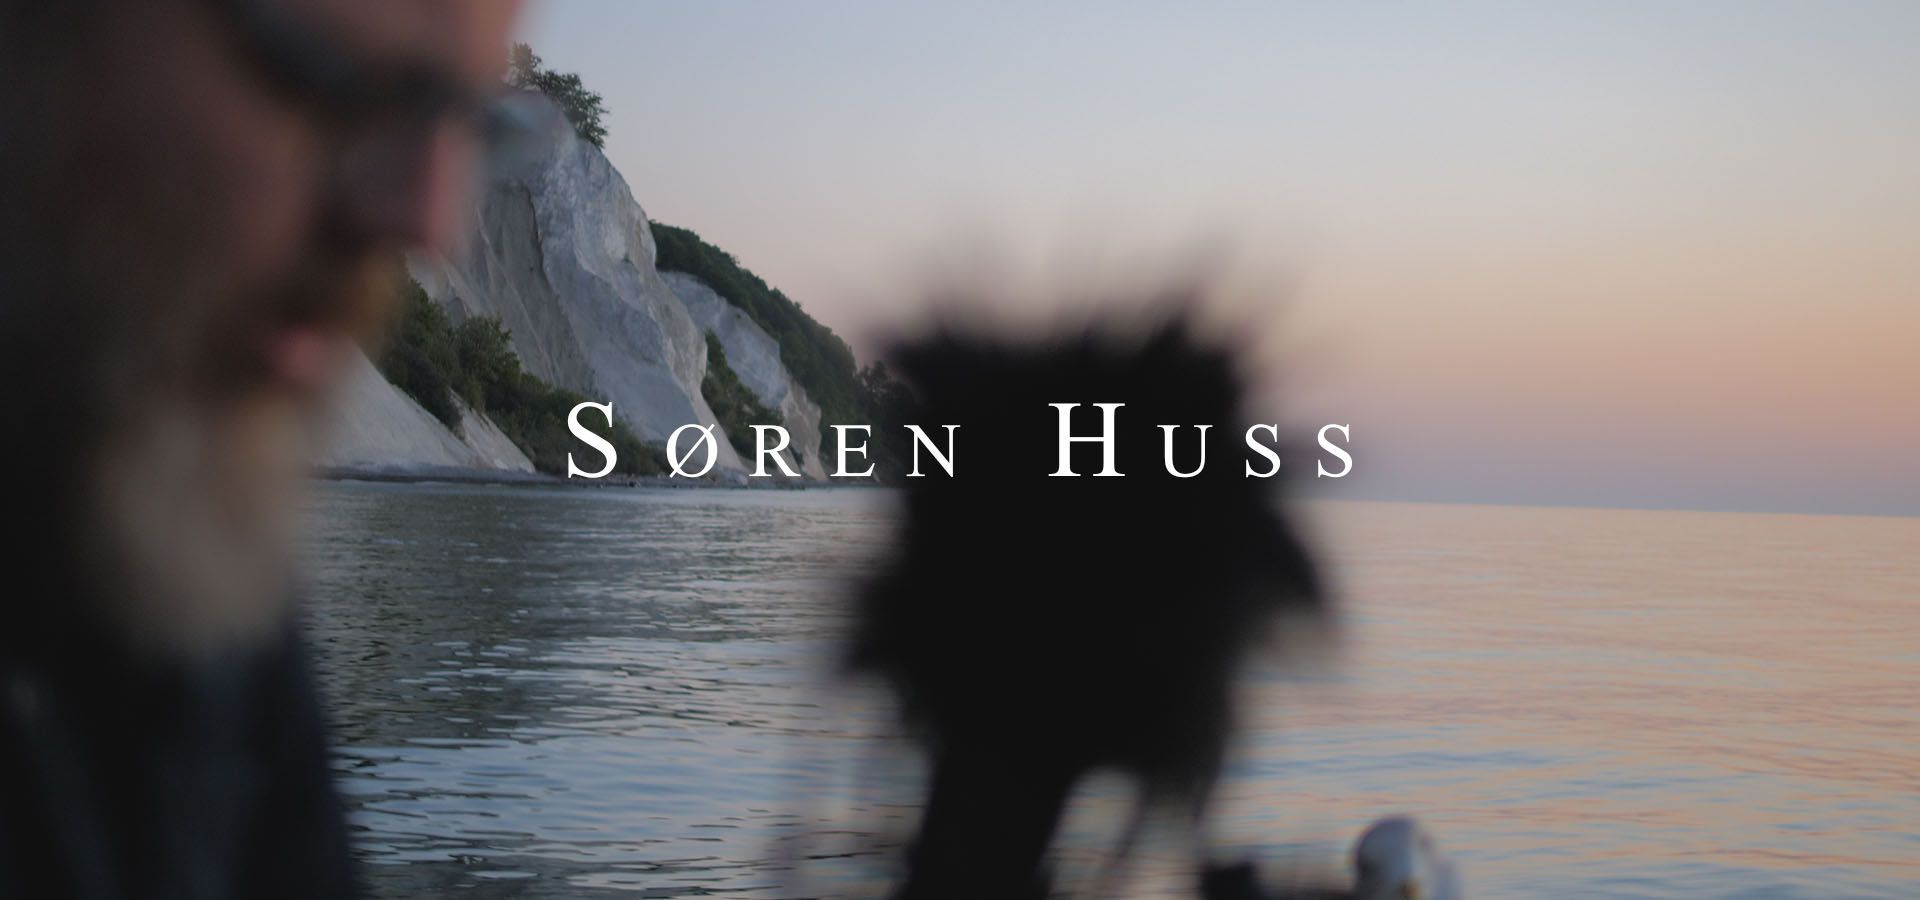 """<a href=""""http://www.moensessions.com/2018/06/25/soeren-huss/"""">.</a>"""